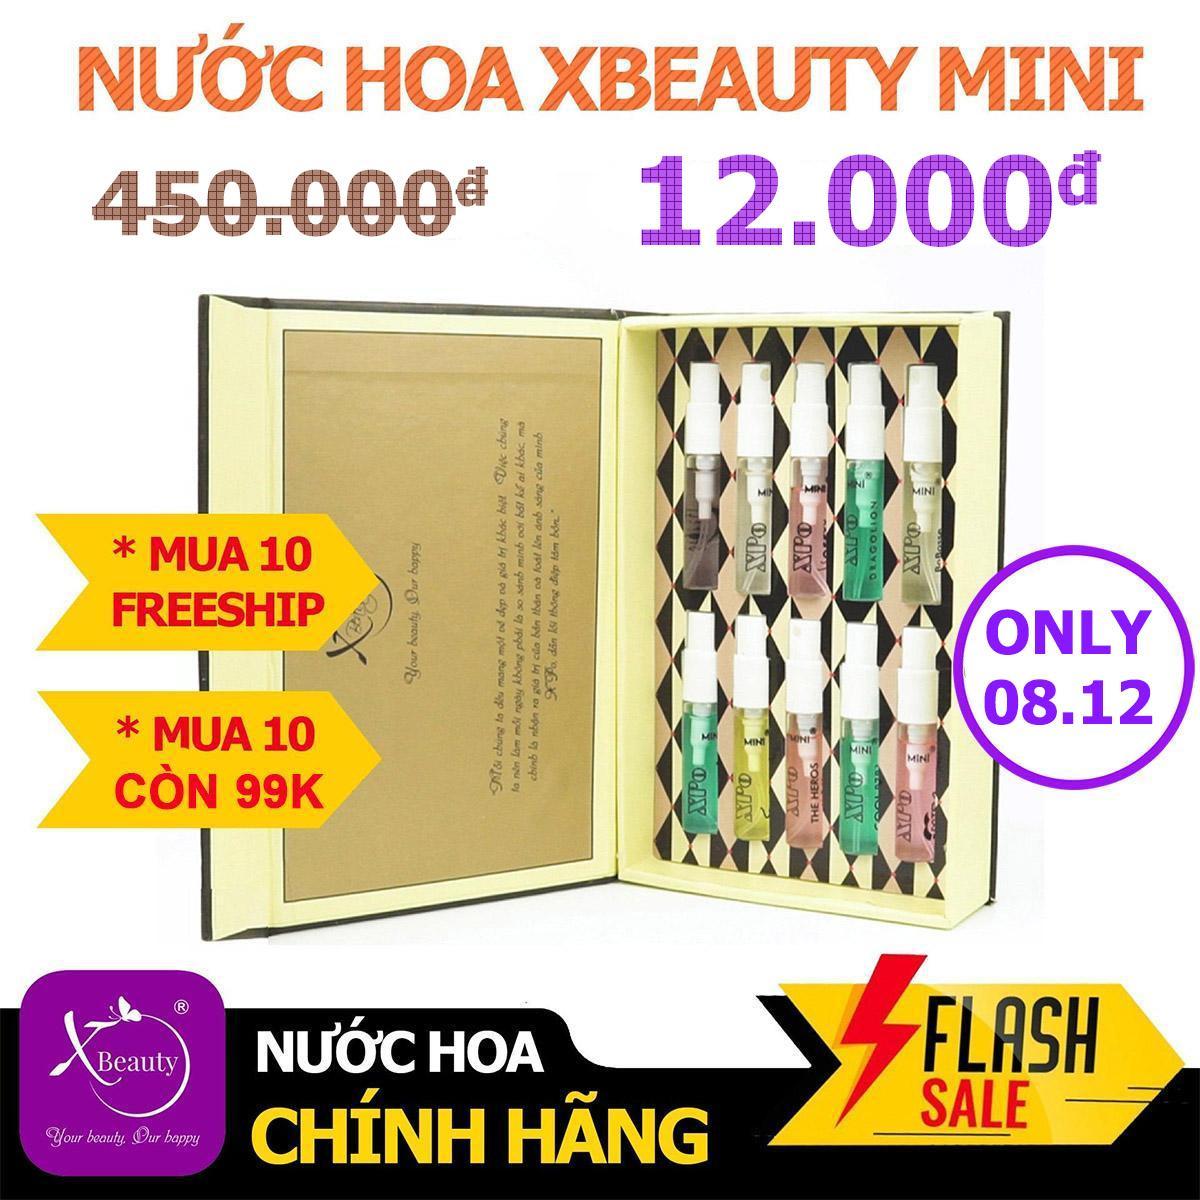 Bộ Combo Nước hoa Nam Nữ XBeauty XPo3 Mini (Tùy chọn 10 Mùi hương) + Voucher mua sắm 350.000đ. Nước hoa Mini cô đặc dành cho Nam và Nữ lưu hương lâu đến 12 tiếng. Mua Một Mùi Là Một Chai 4ML. Mua 10 mùi sẽ được gói trong hộp vàng như ảnh bìa.